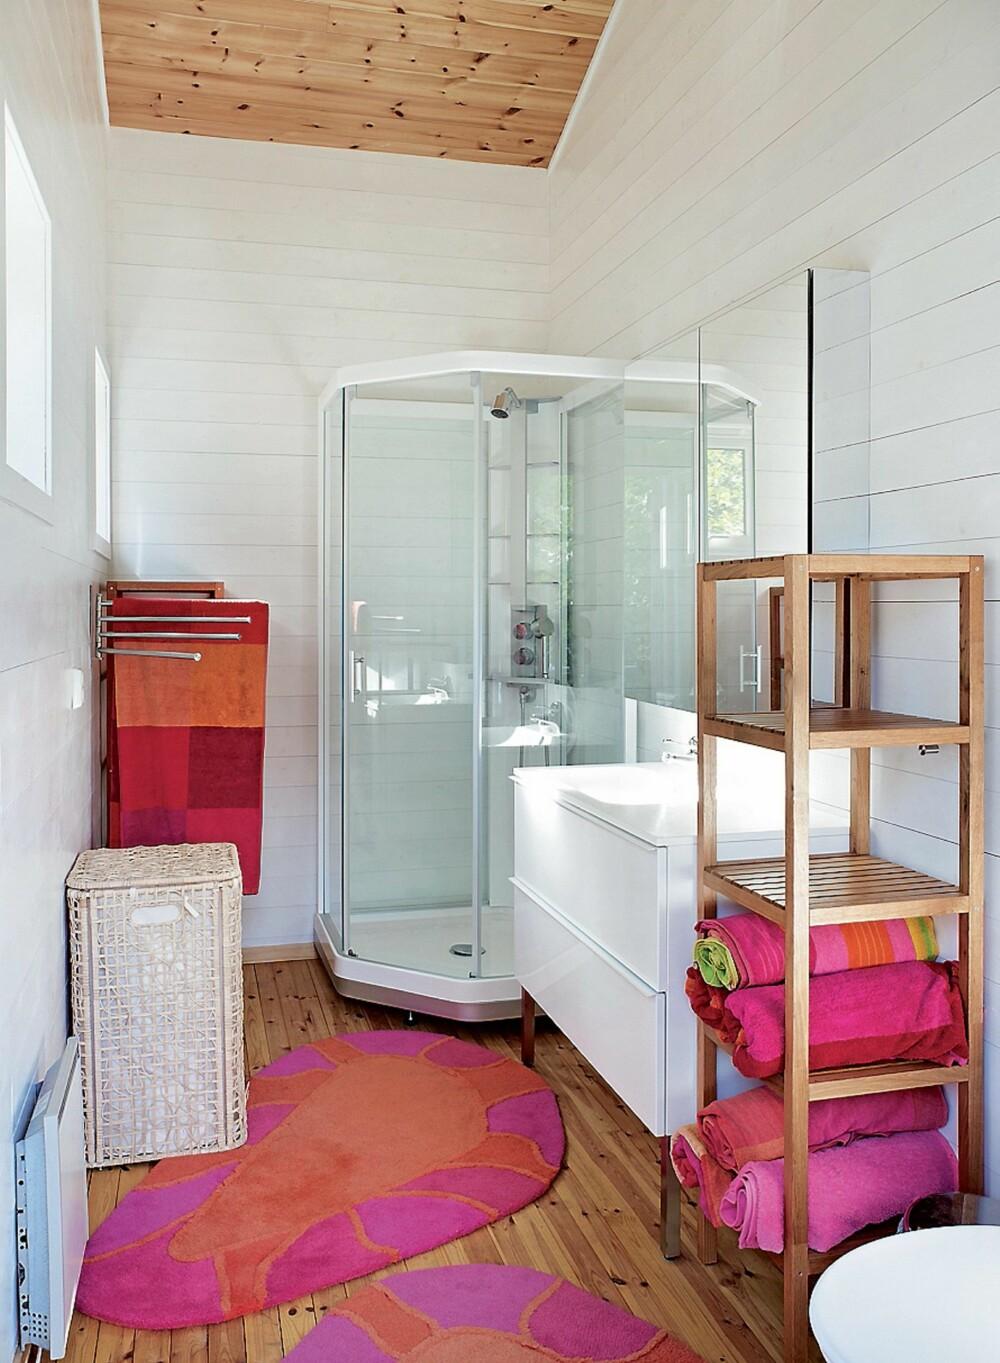 LYST: Badet er lyst og trivelig. Det er takket være en liten malejobb hvor furuveggene ble malt hvite. Fasiliteter er strøm, biodo og gråvannsanlegg.